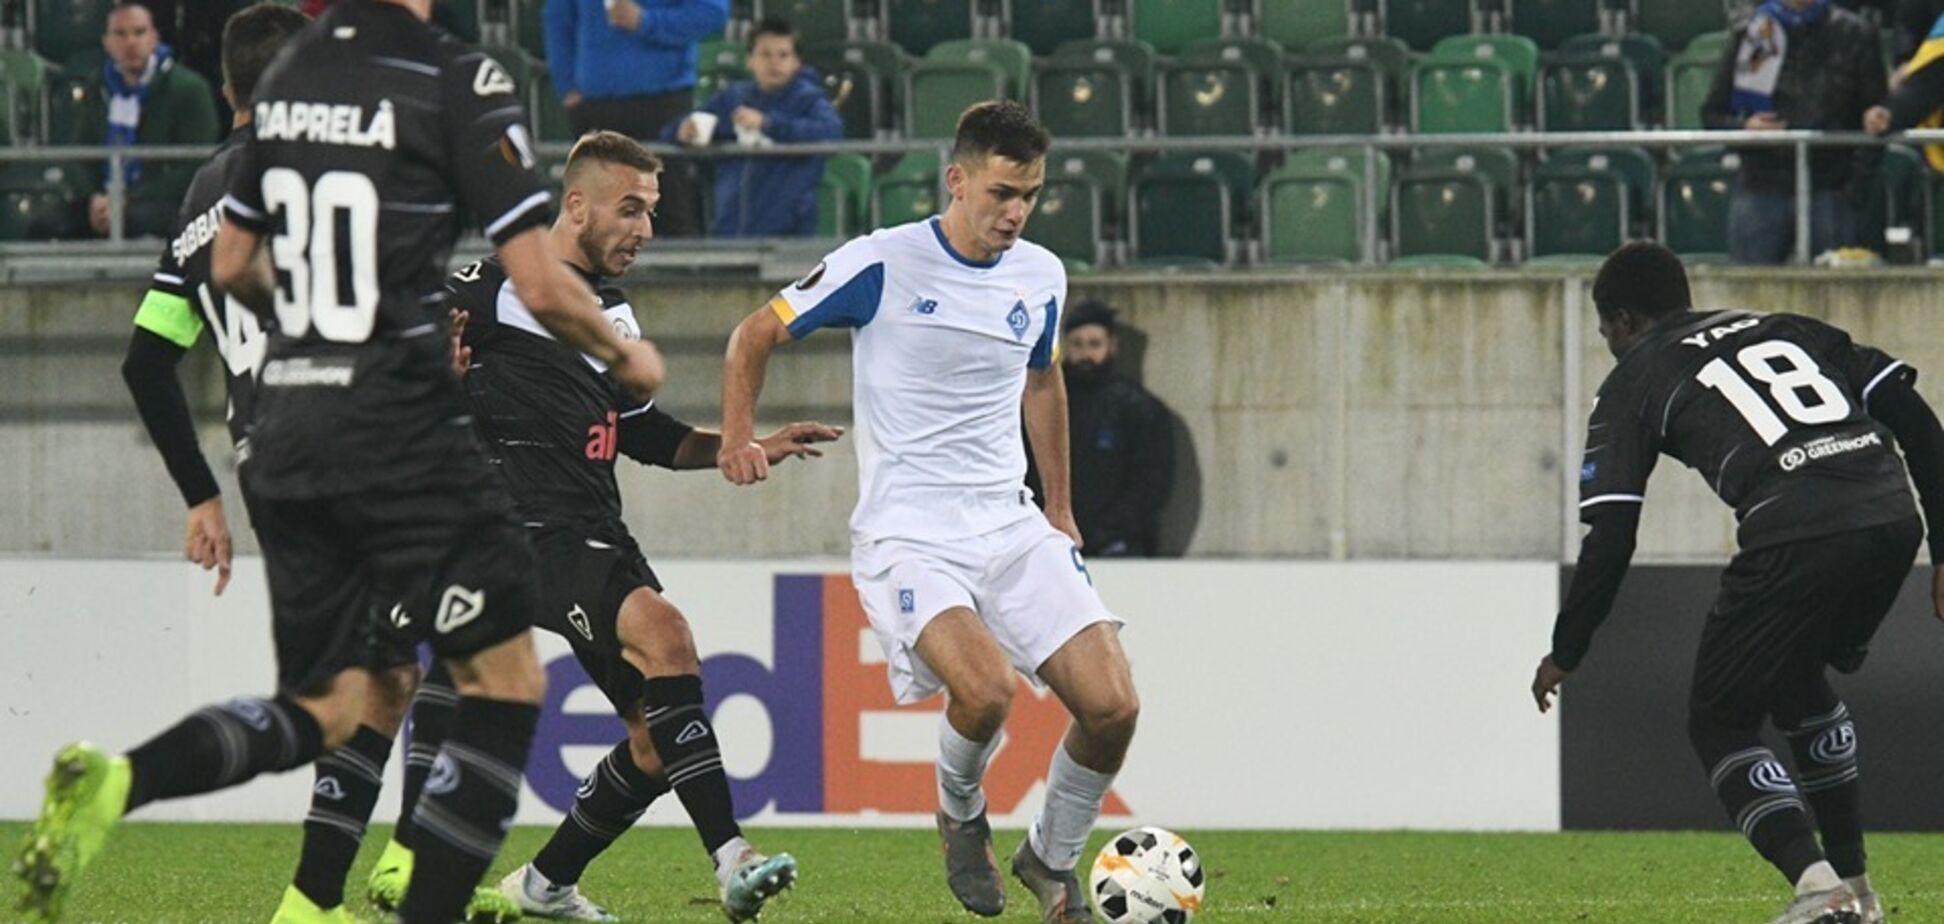 'Как го*но в проруби': 'Динамо' оскорбили в сети после ничьей в Лиге Европы